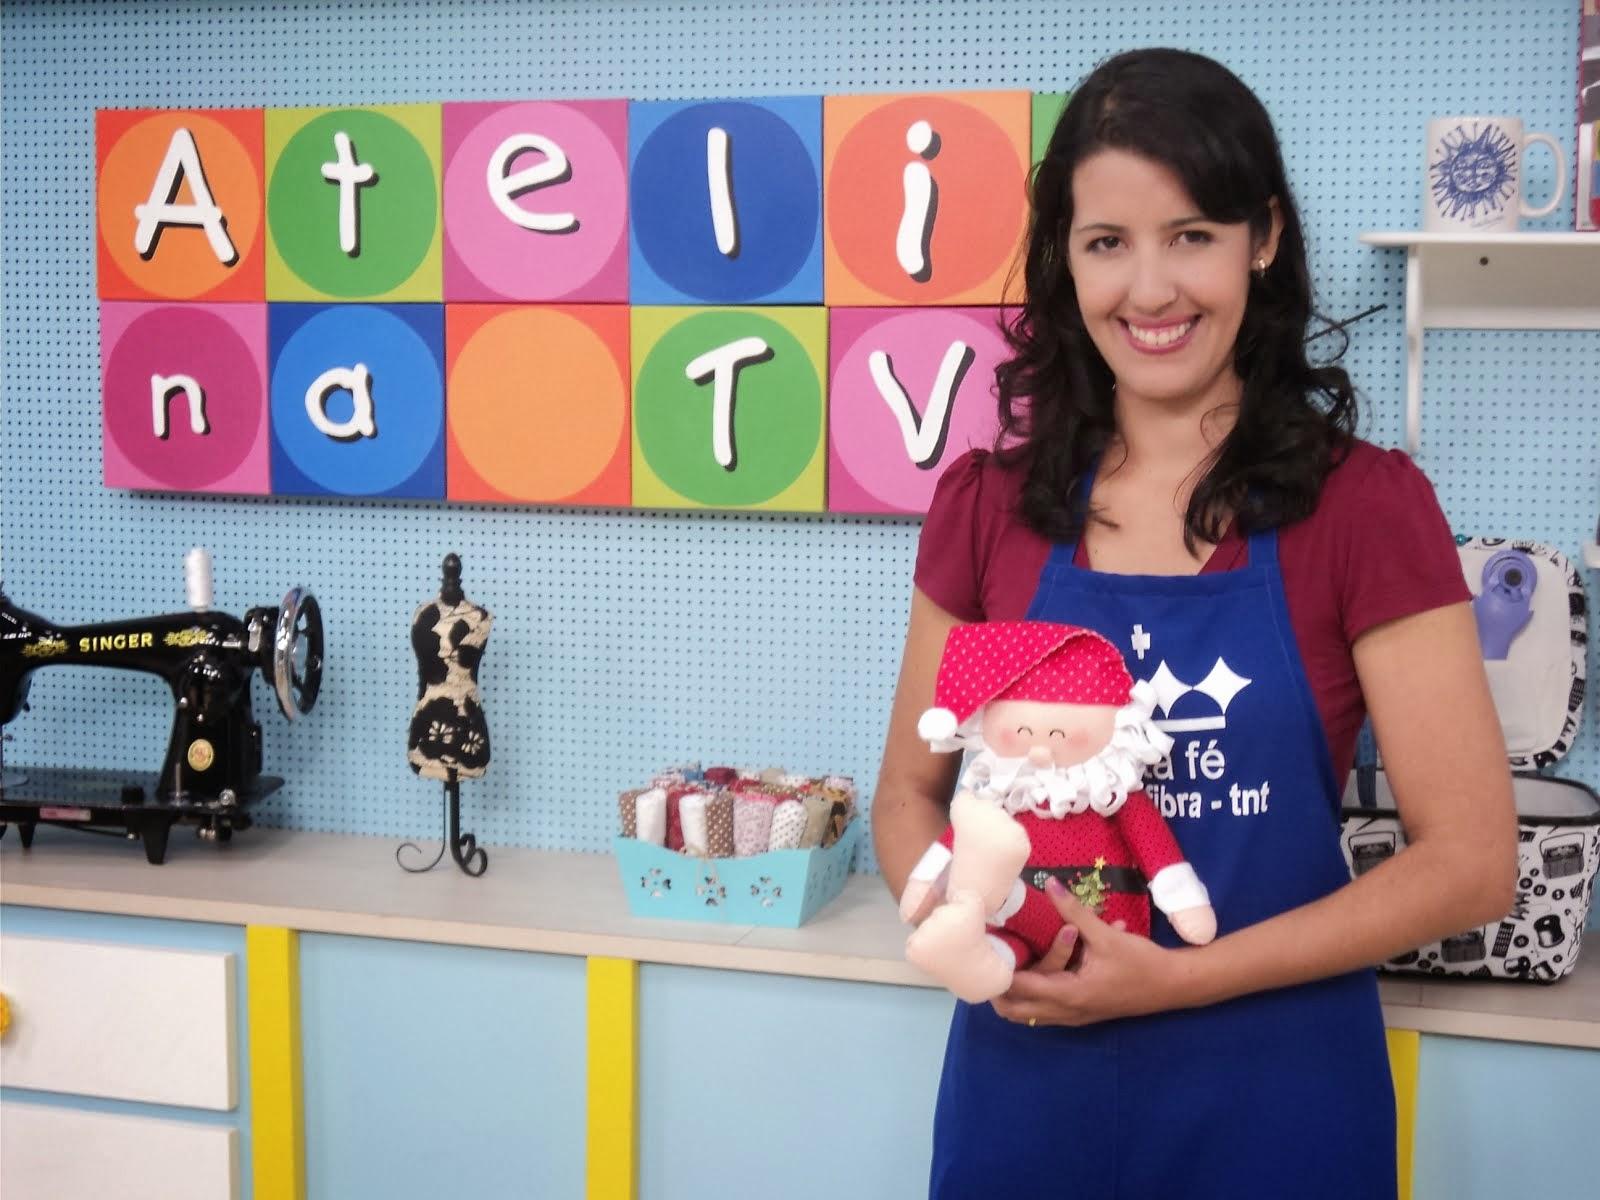 CARLA ARTEIRA NO ATELIÊ NA TV 2013